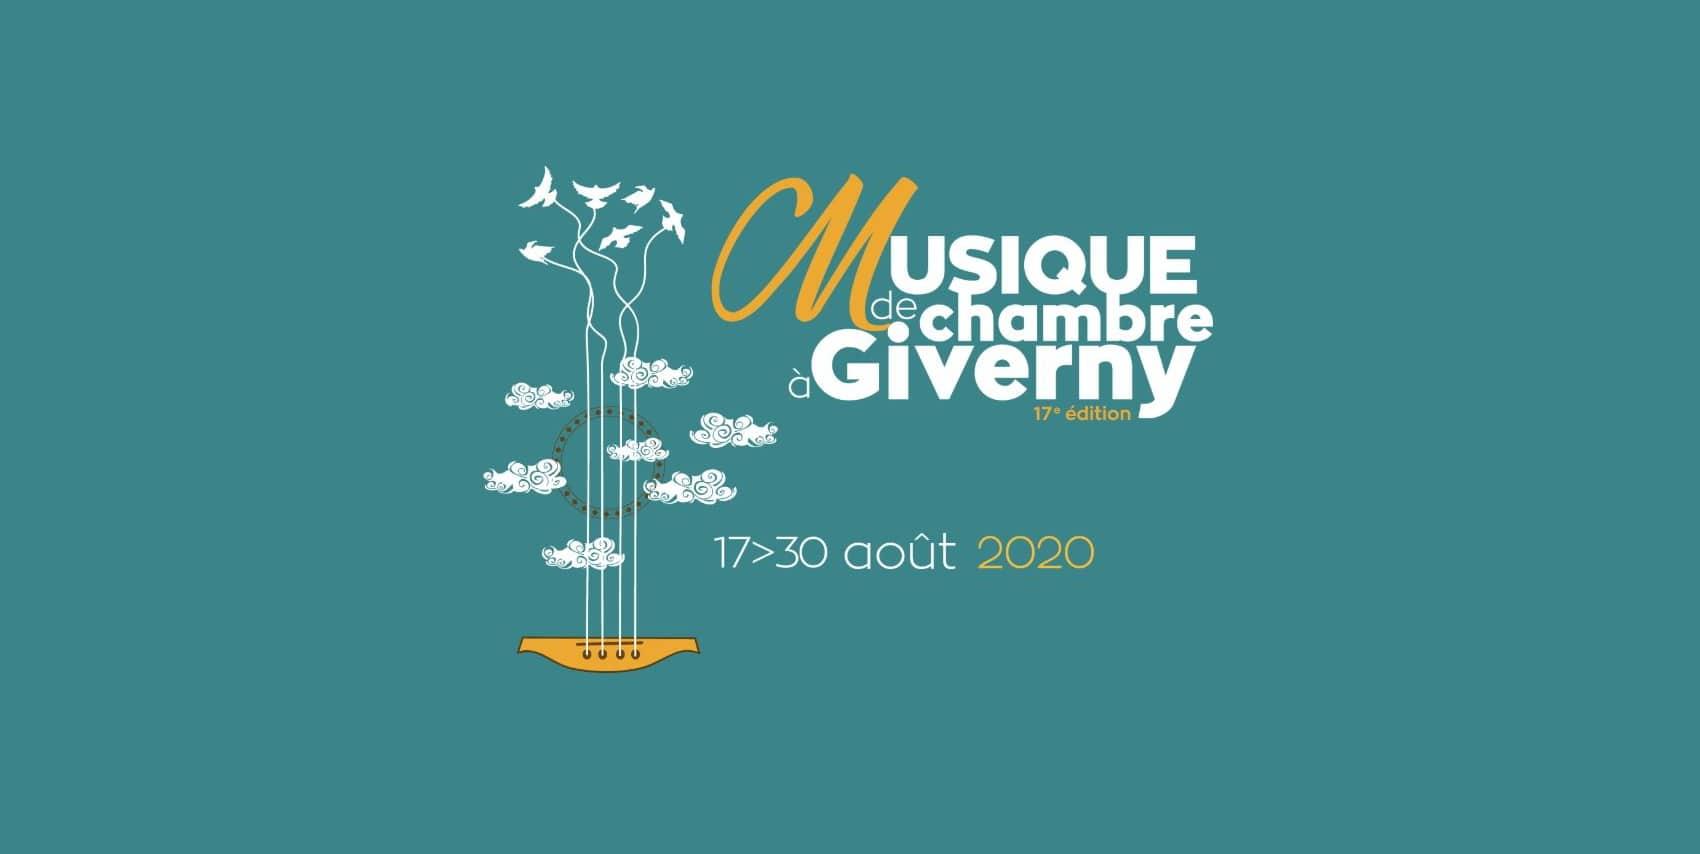 Affiche du Festival Musique de Chambre à Giverny - Edition 2020